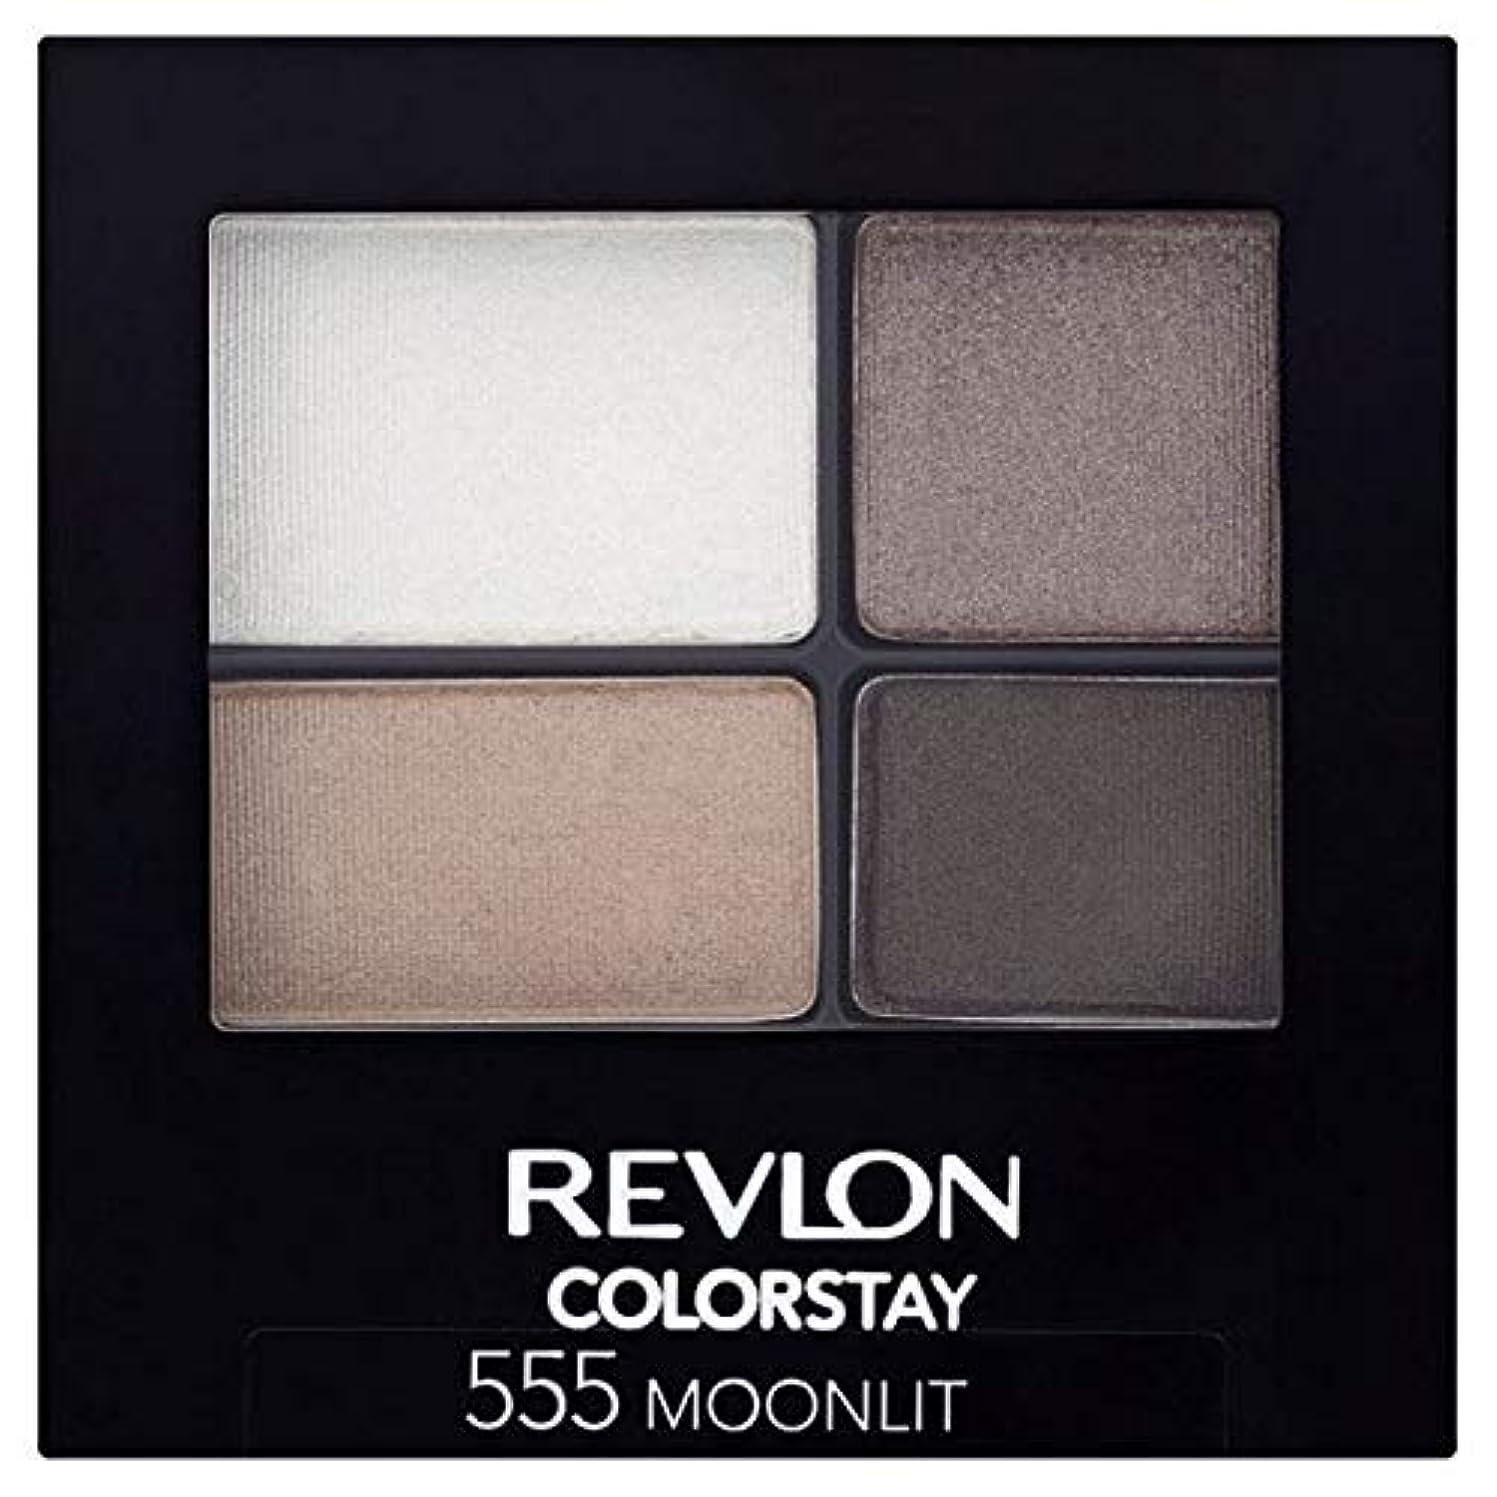 静めるメロン季節[Revlon ] レブロンColorstay 16時間のアイシャドウは555月光 - Revlon Colorstay 16 Hour Eye Shadow Moonlight 555 [並行輸入品]